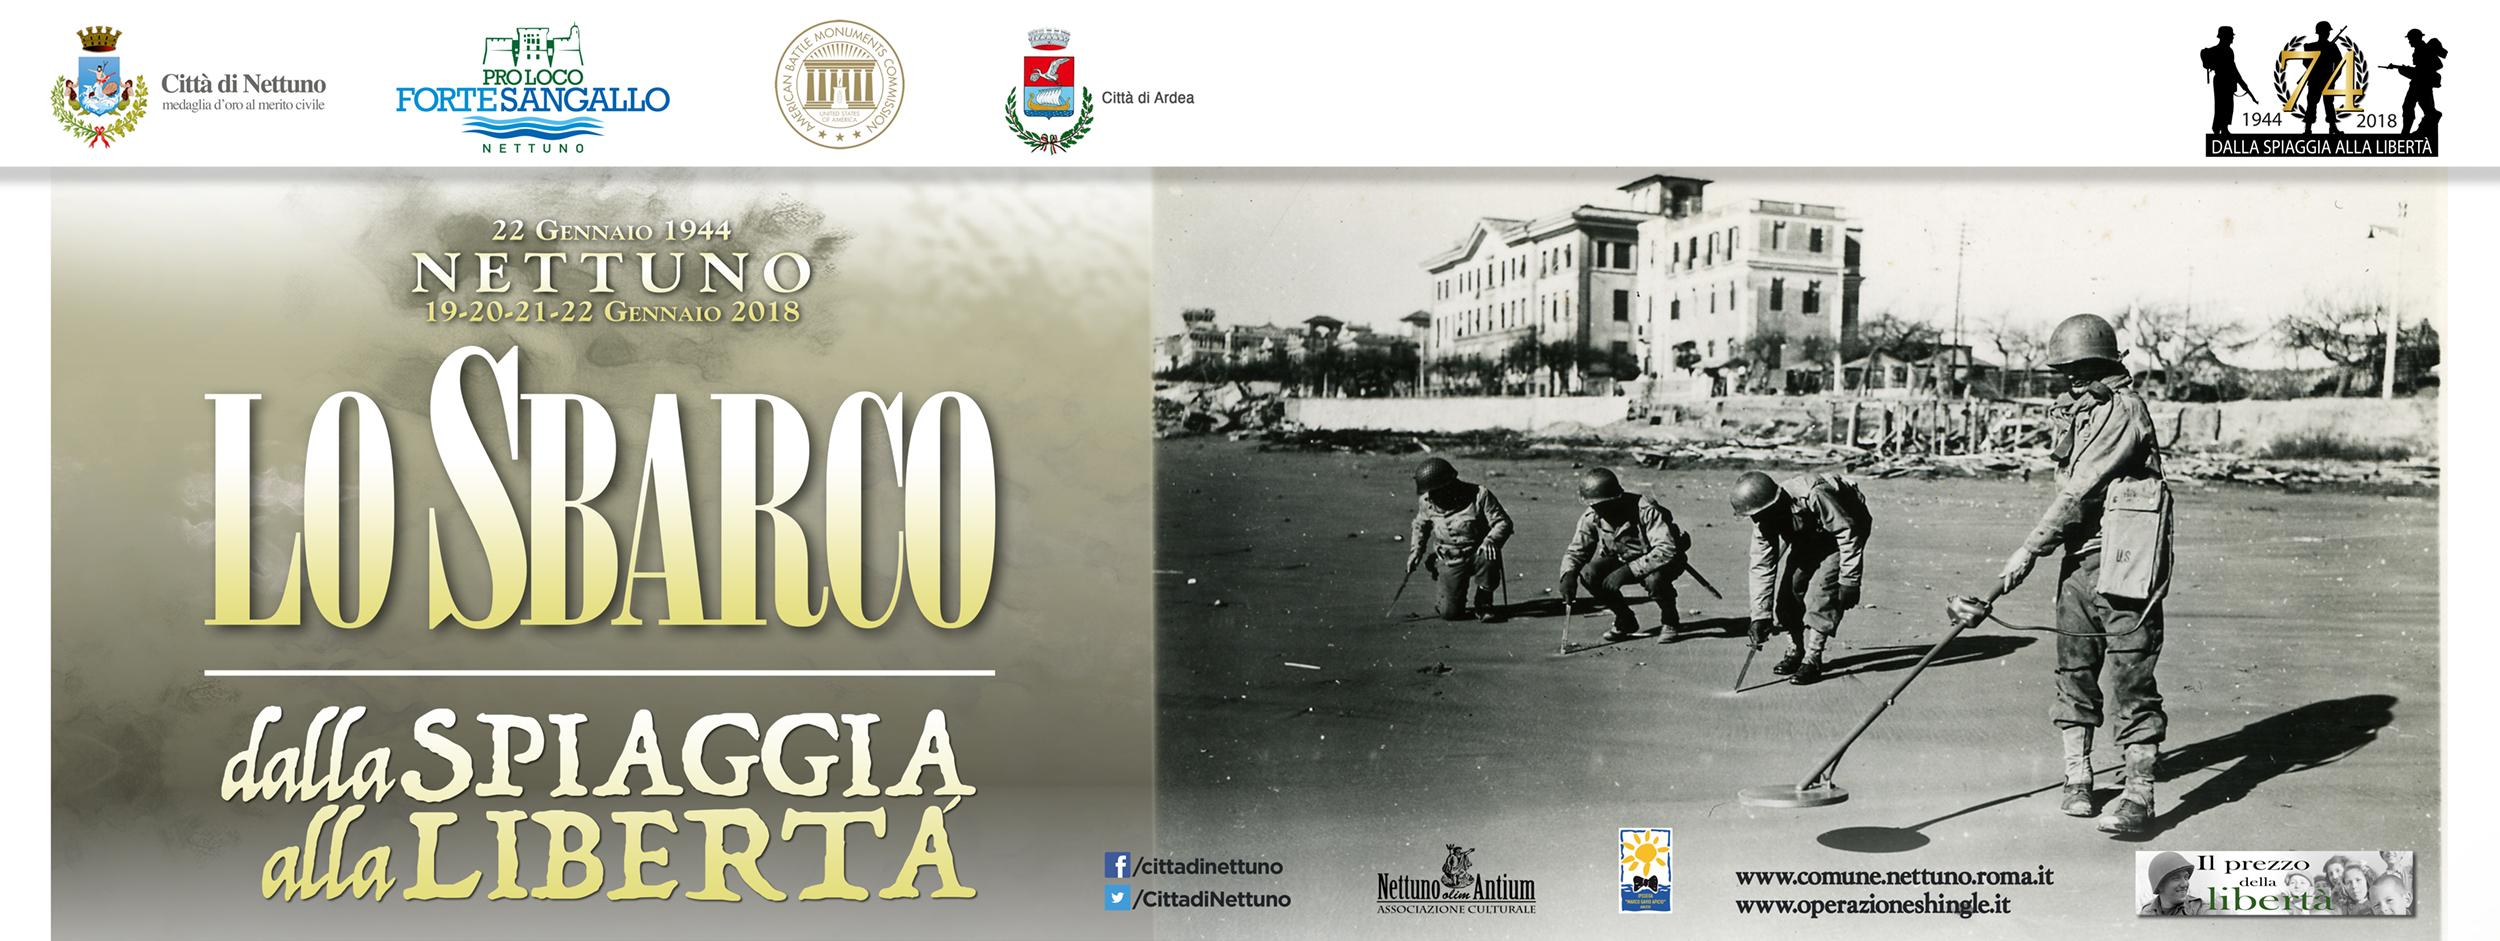 """""""DALLA SPIAGGIA ALLA LIBERTÀ. NETTUNO, 22 GENNAIO 1944, LO SBARCO"""". PER NON DIMENTICARE: 19-22 GENNAIO 2018"""